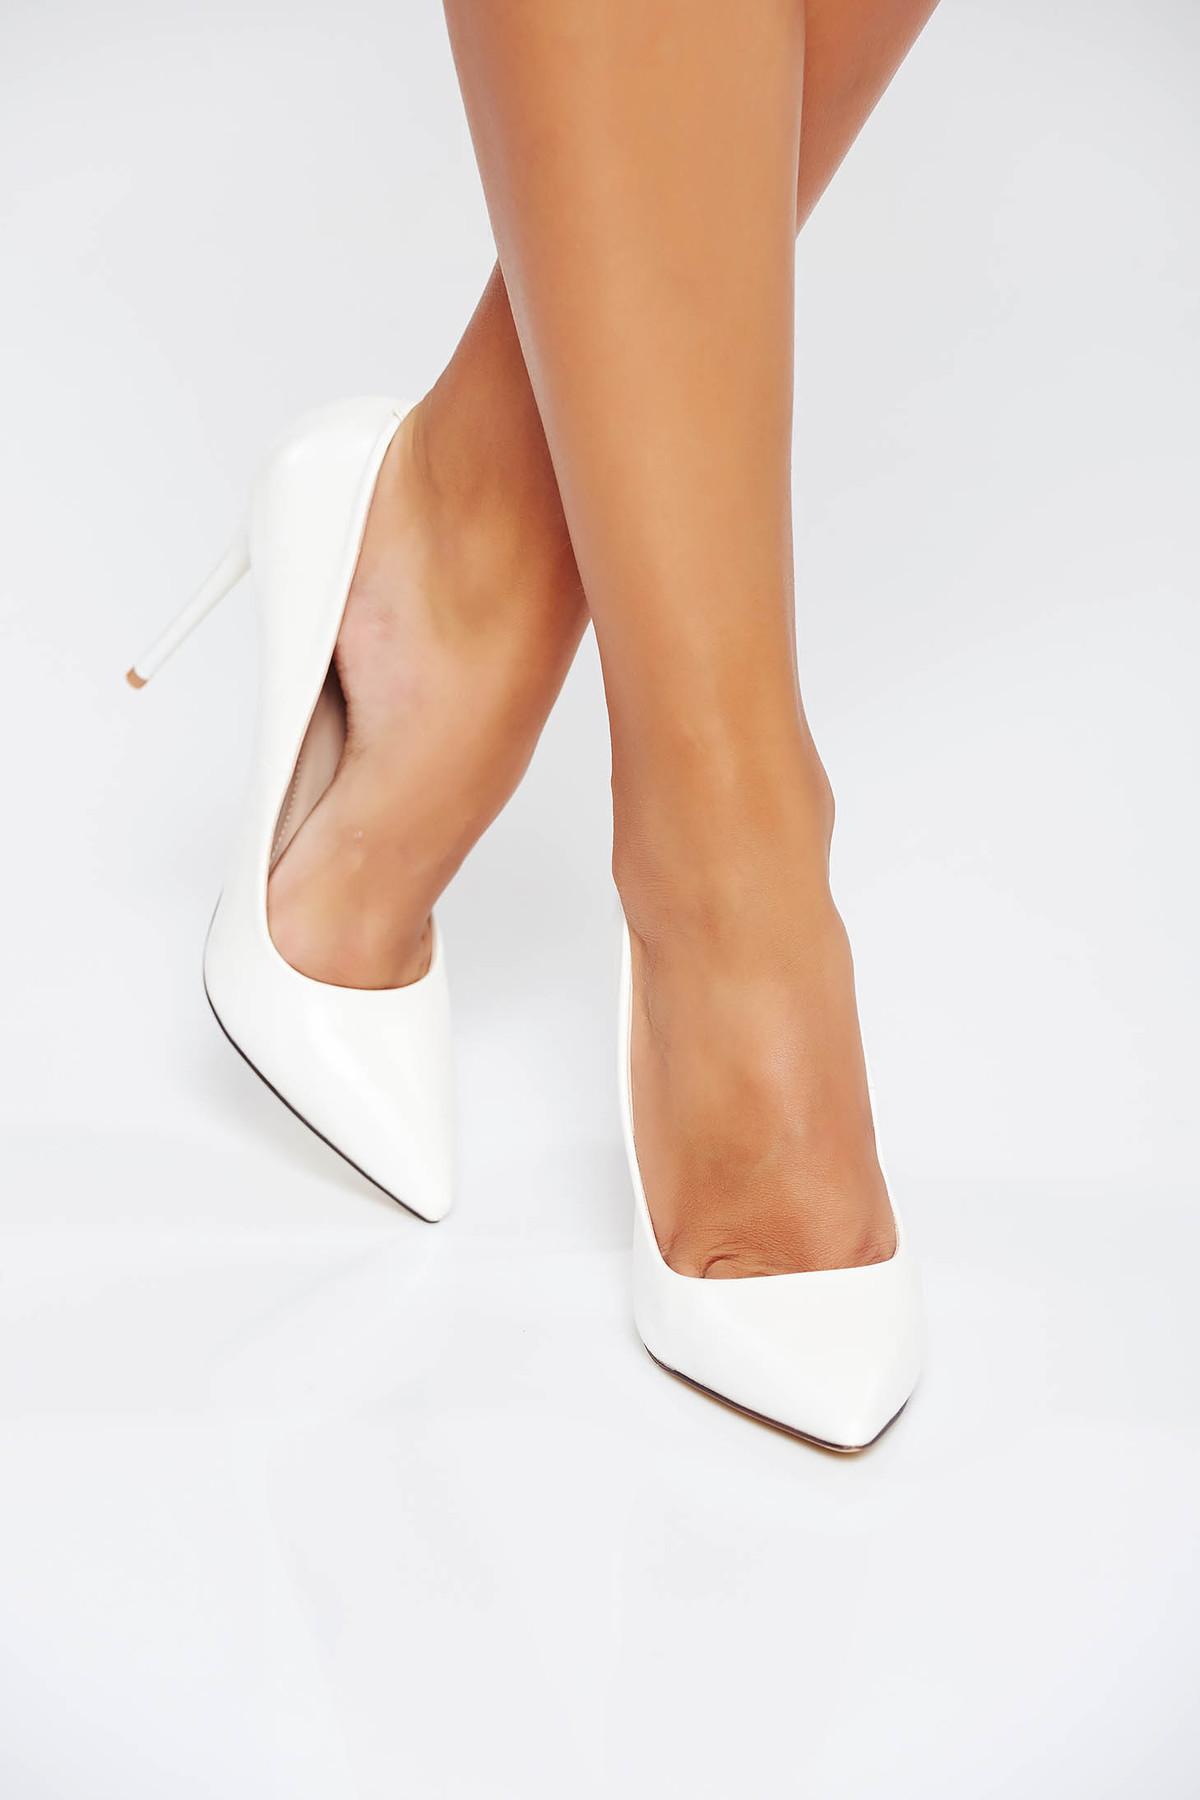 Pantofi alb stiletto office din piele ecologica cu toc inalt cu varful usor ascutit